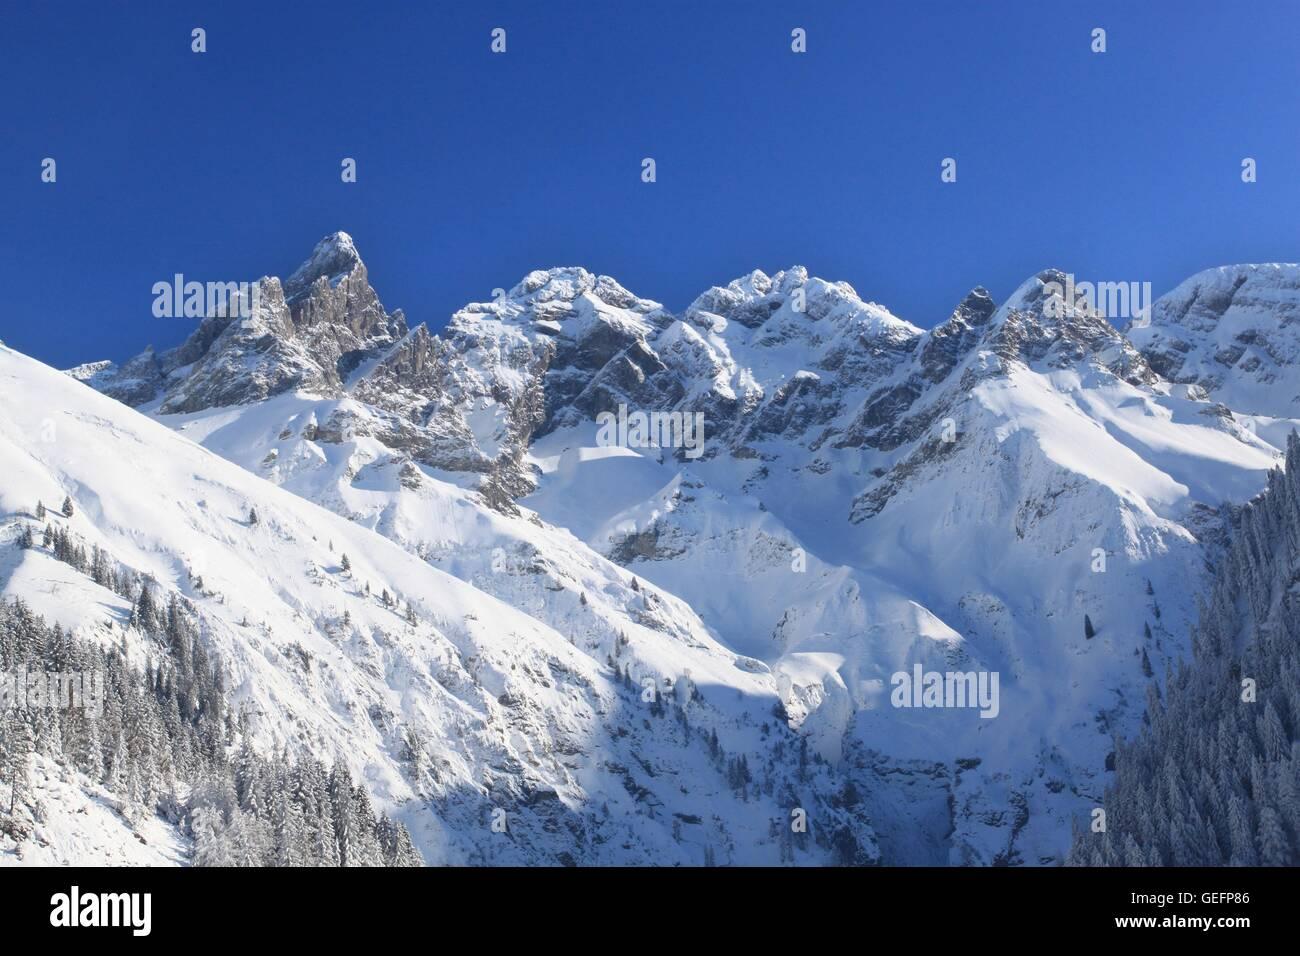 Trettachspitze, Stillach Valley, Allgaeu - Stock Image